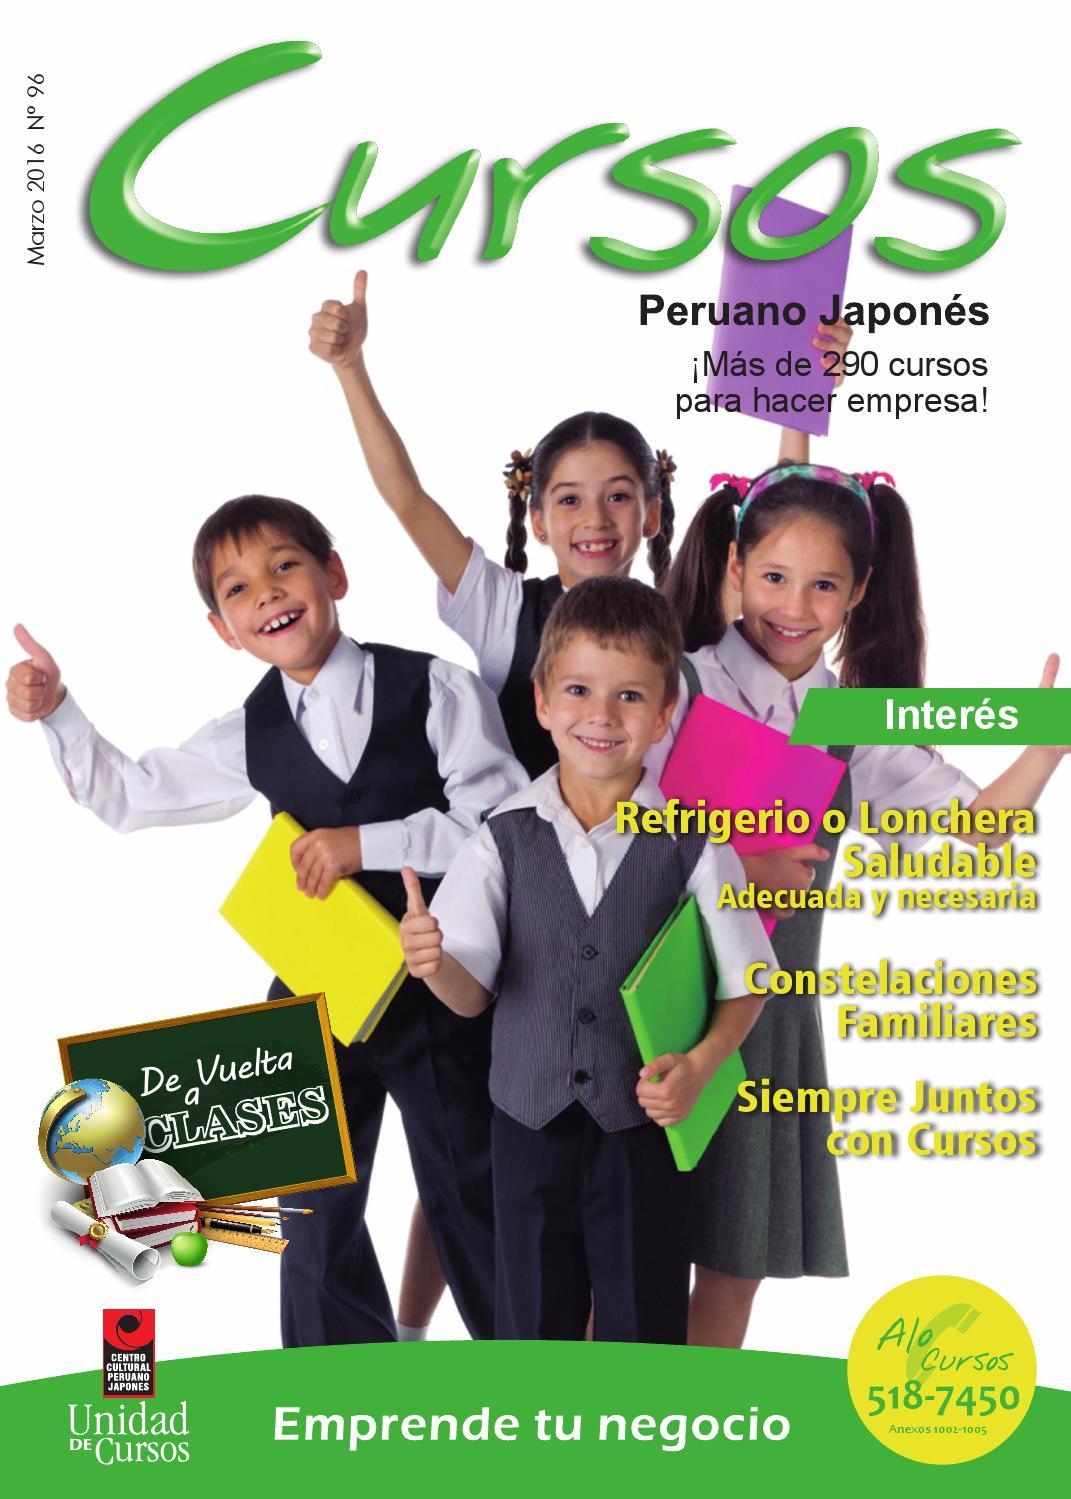 7e84044fdc Revista Cursos Marzo 2016 by Unidad de Cursos - issuu